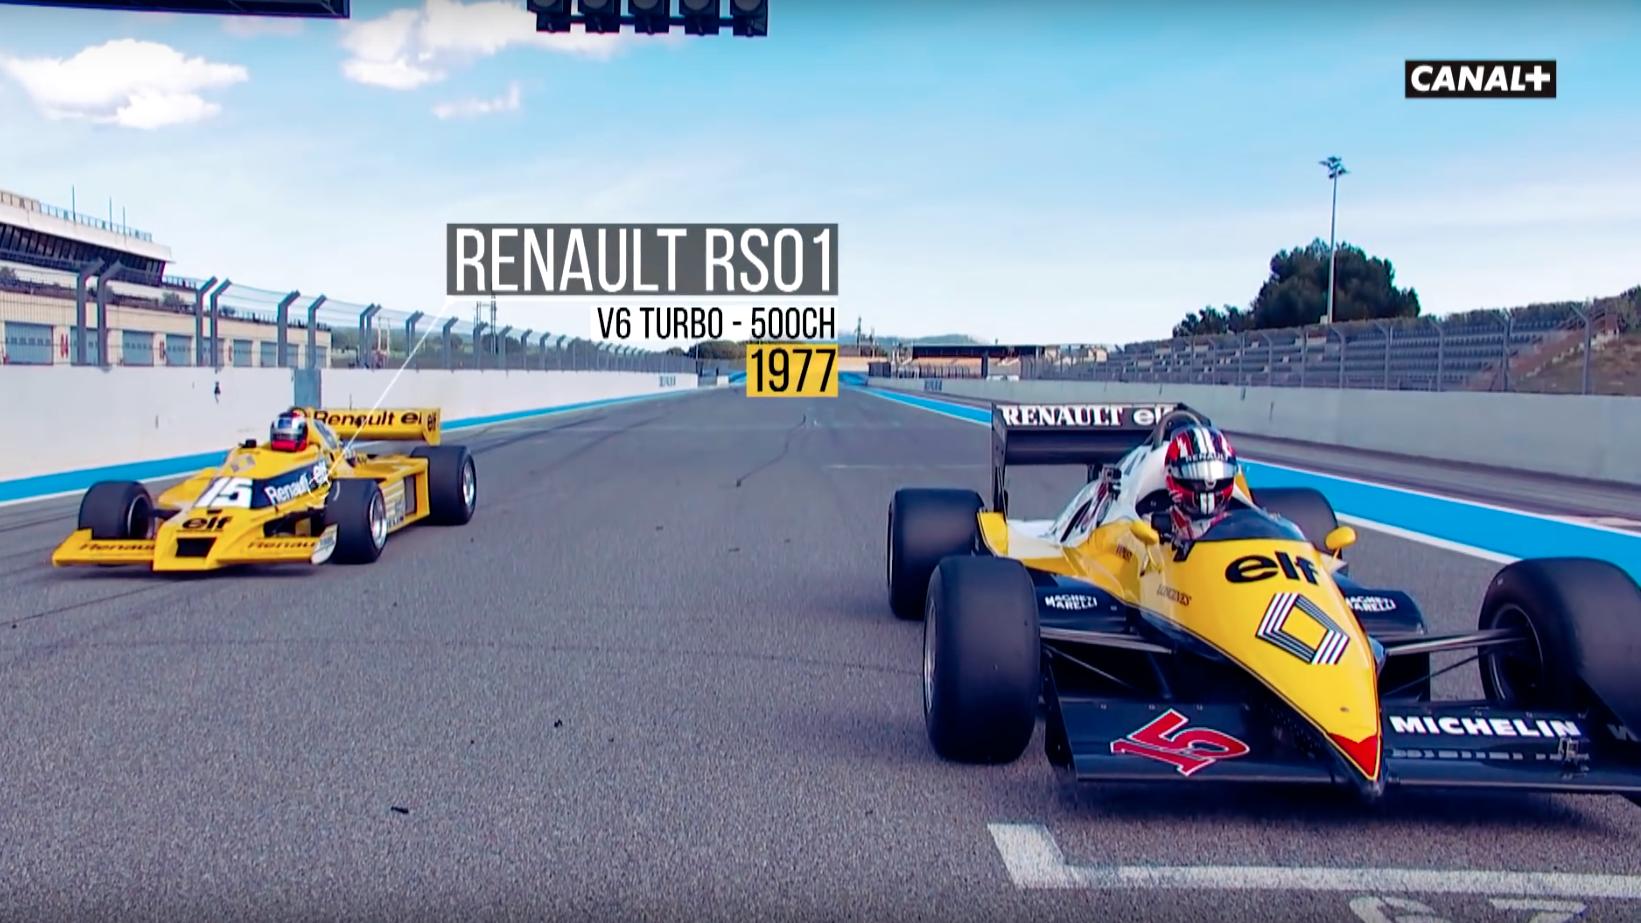 Nico Hülkenberg and Turbo F1 cars